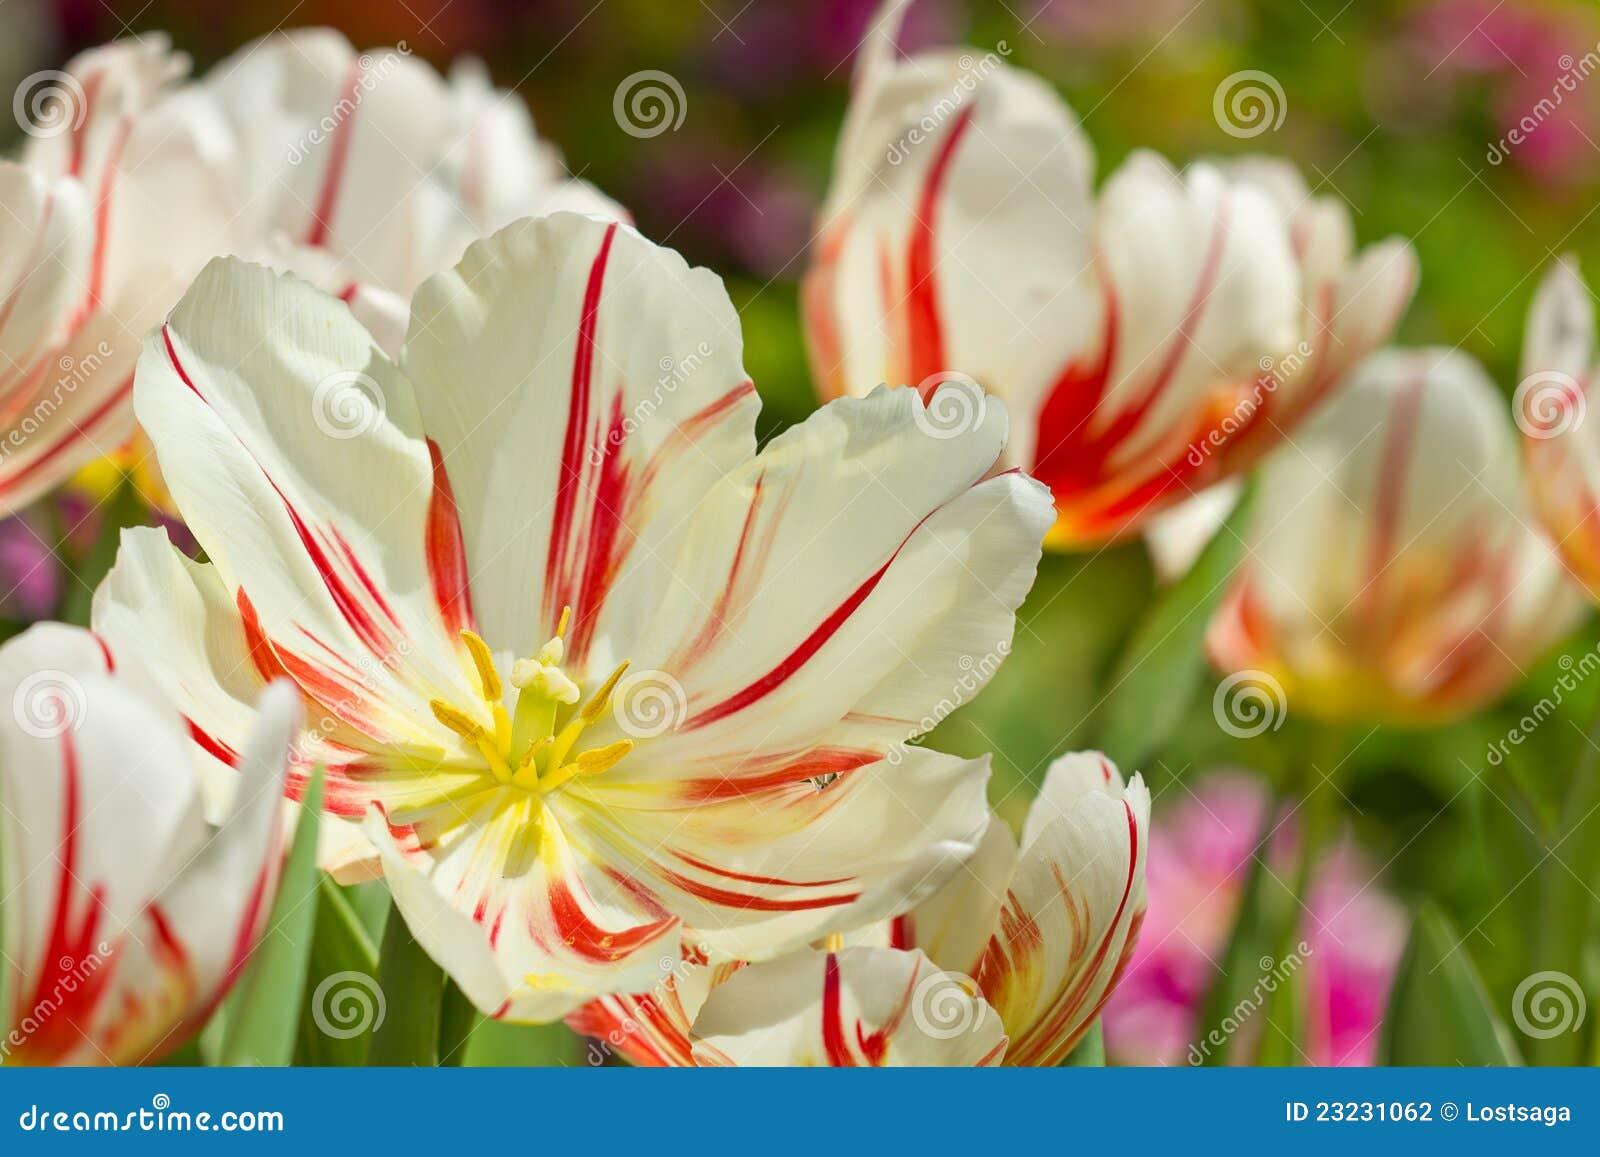 Jardin De Flores Hermosas Flores De Jardin Bonitas Que No Deben - Flores-bonitas-para-jardin